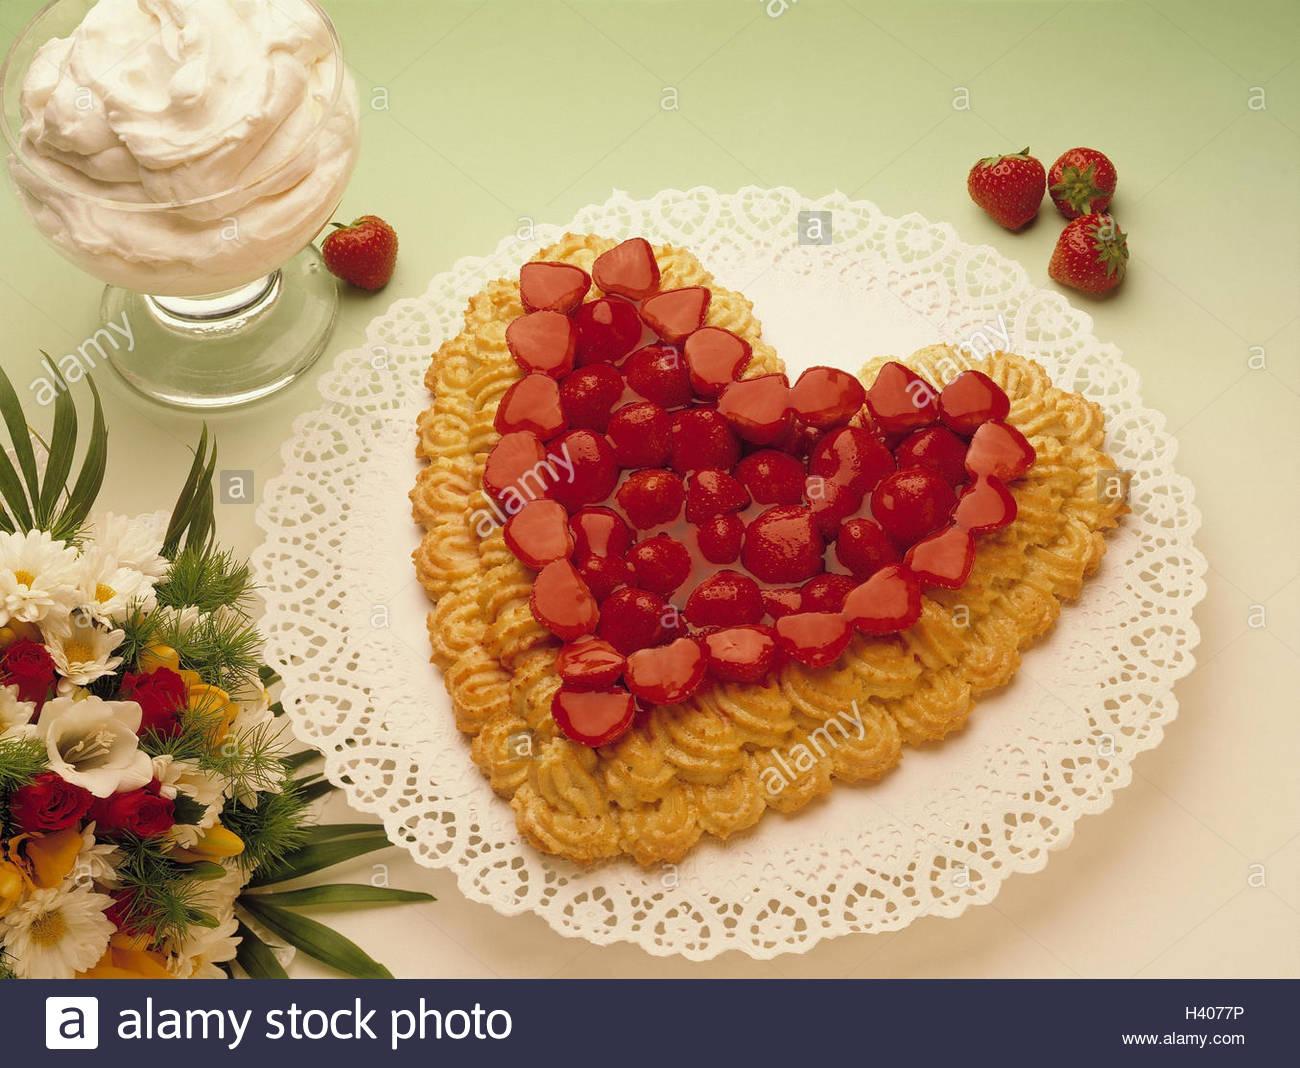 Strawberry cake heart shaped whipped cream bouquet cake cake strawberry cake heart shaped whipped cream bouquet cake cake strawberries fruit flans flowers sweet dessert cream birthday cake love heart izmirmasajfo